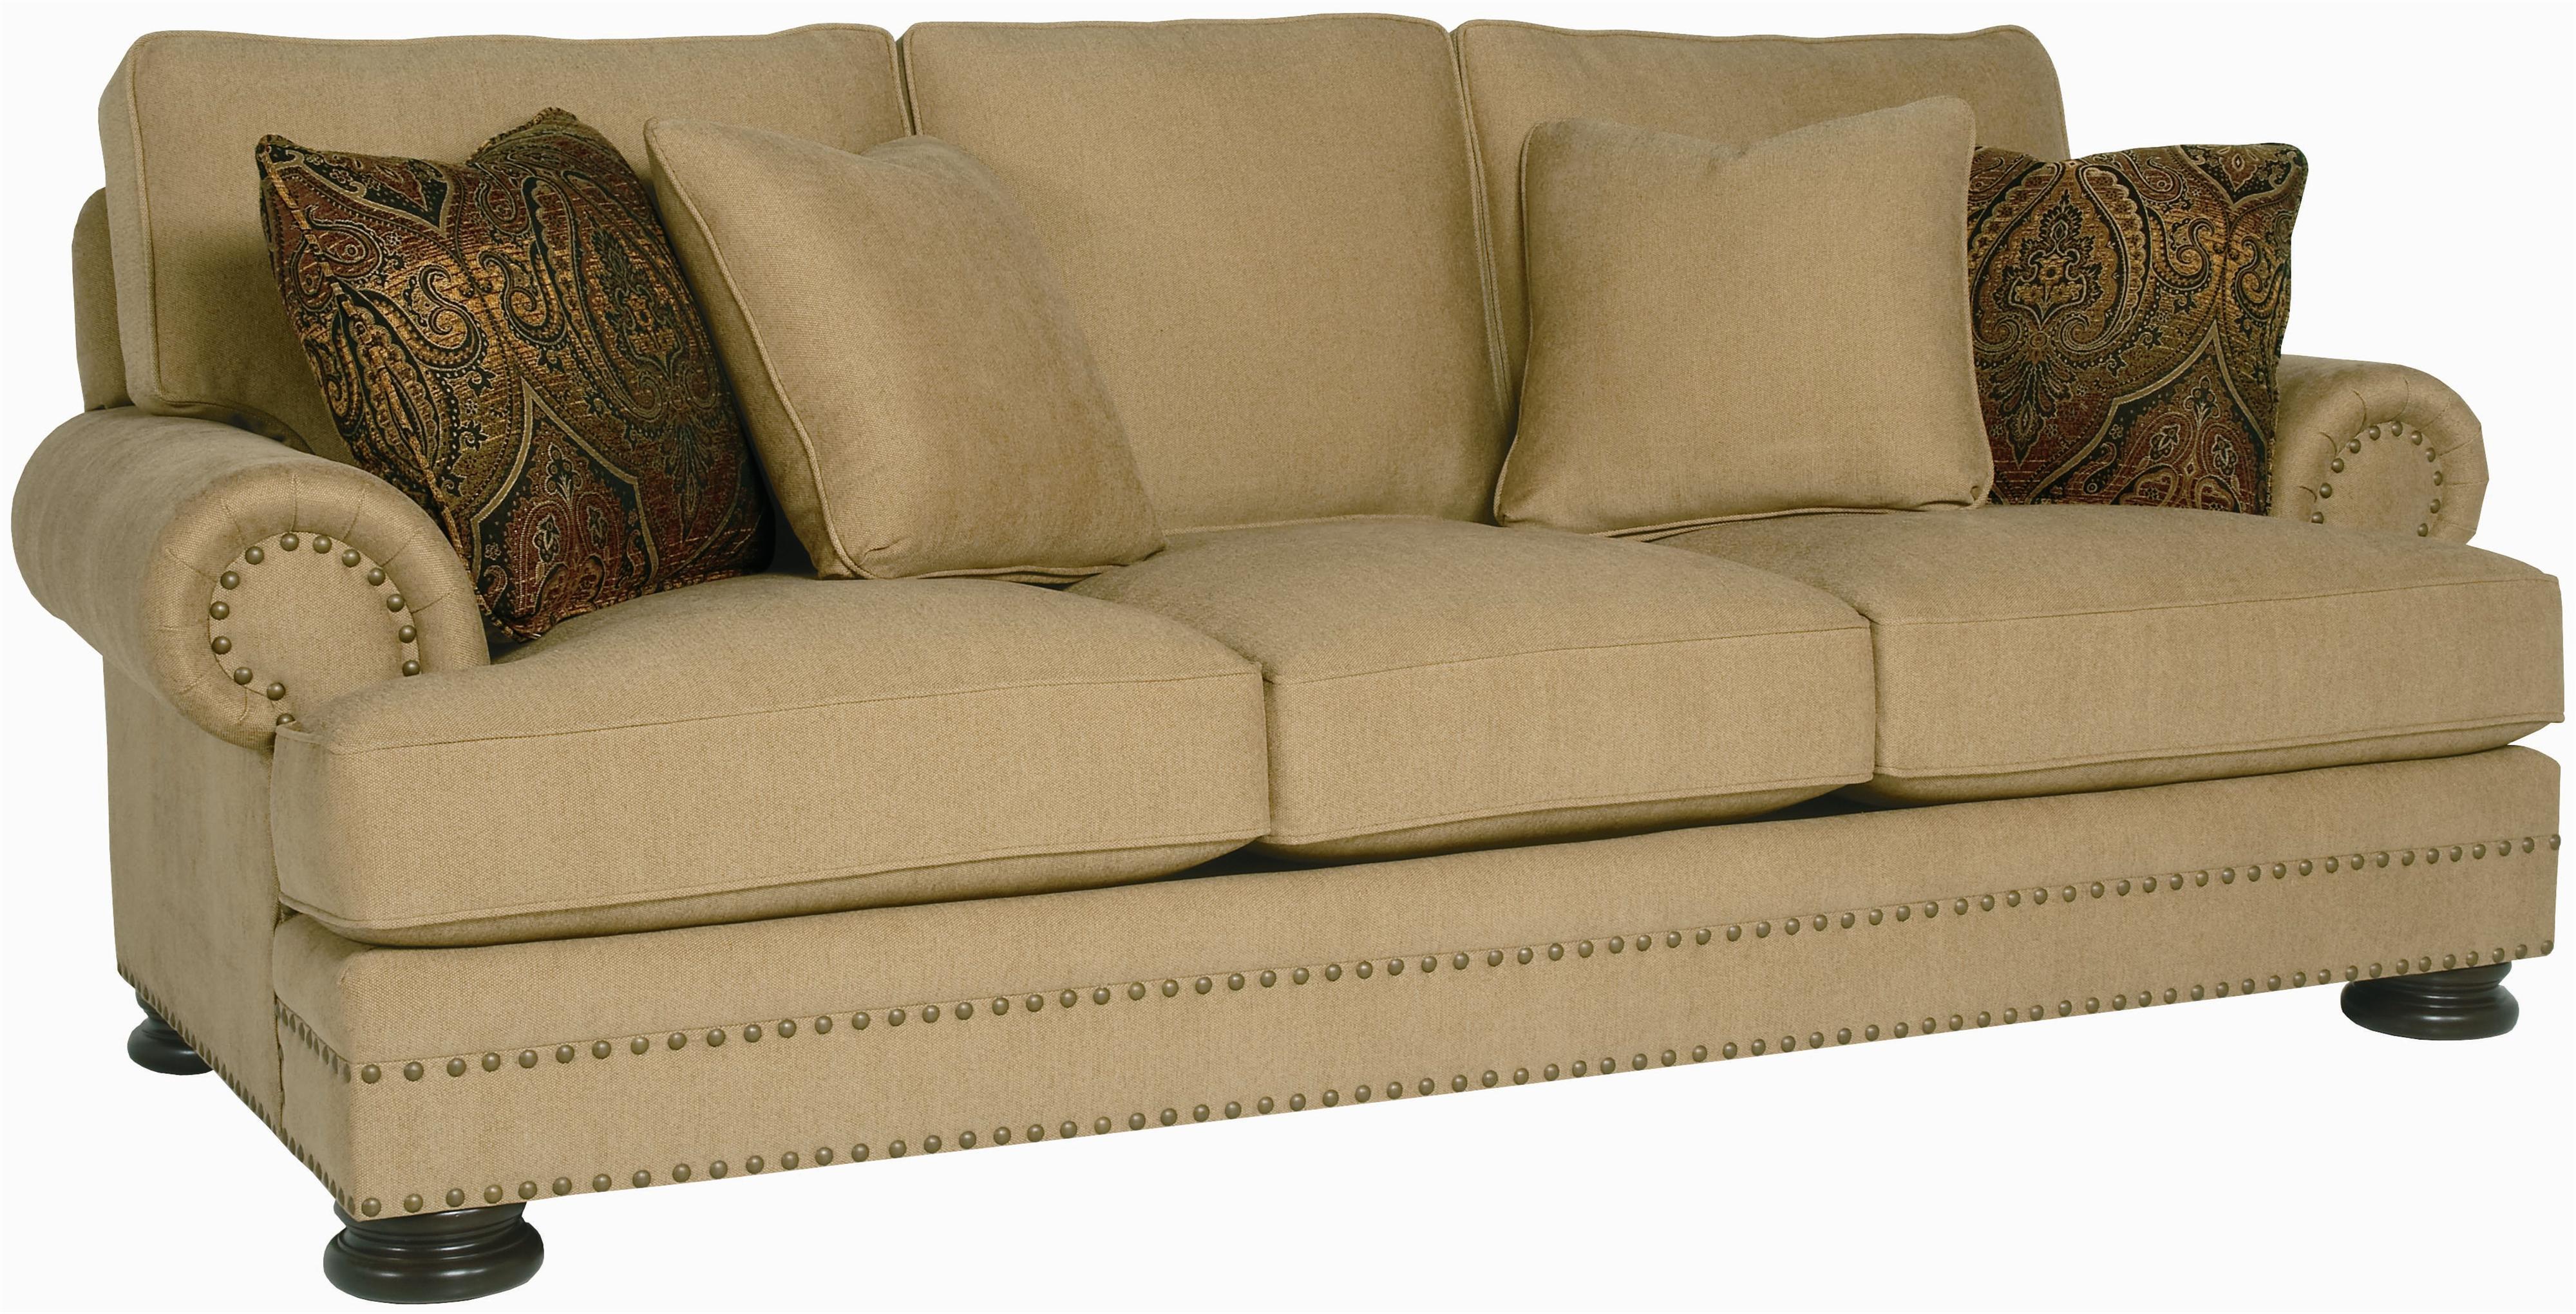 Bernhardt Foster Stationary Sofa with Nailhead Trim Wayside